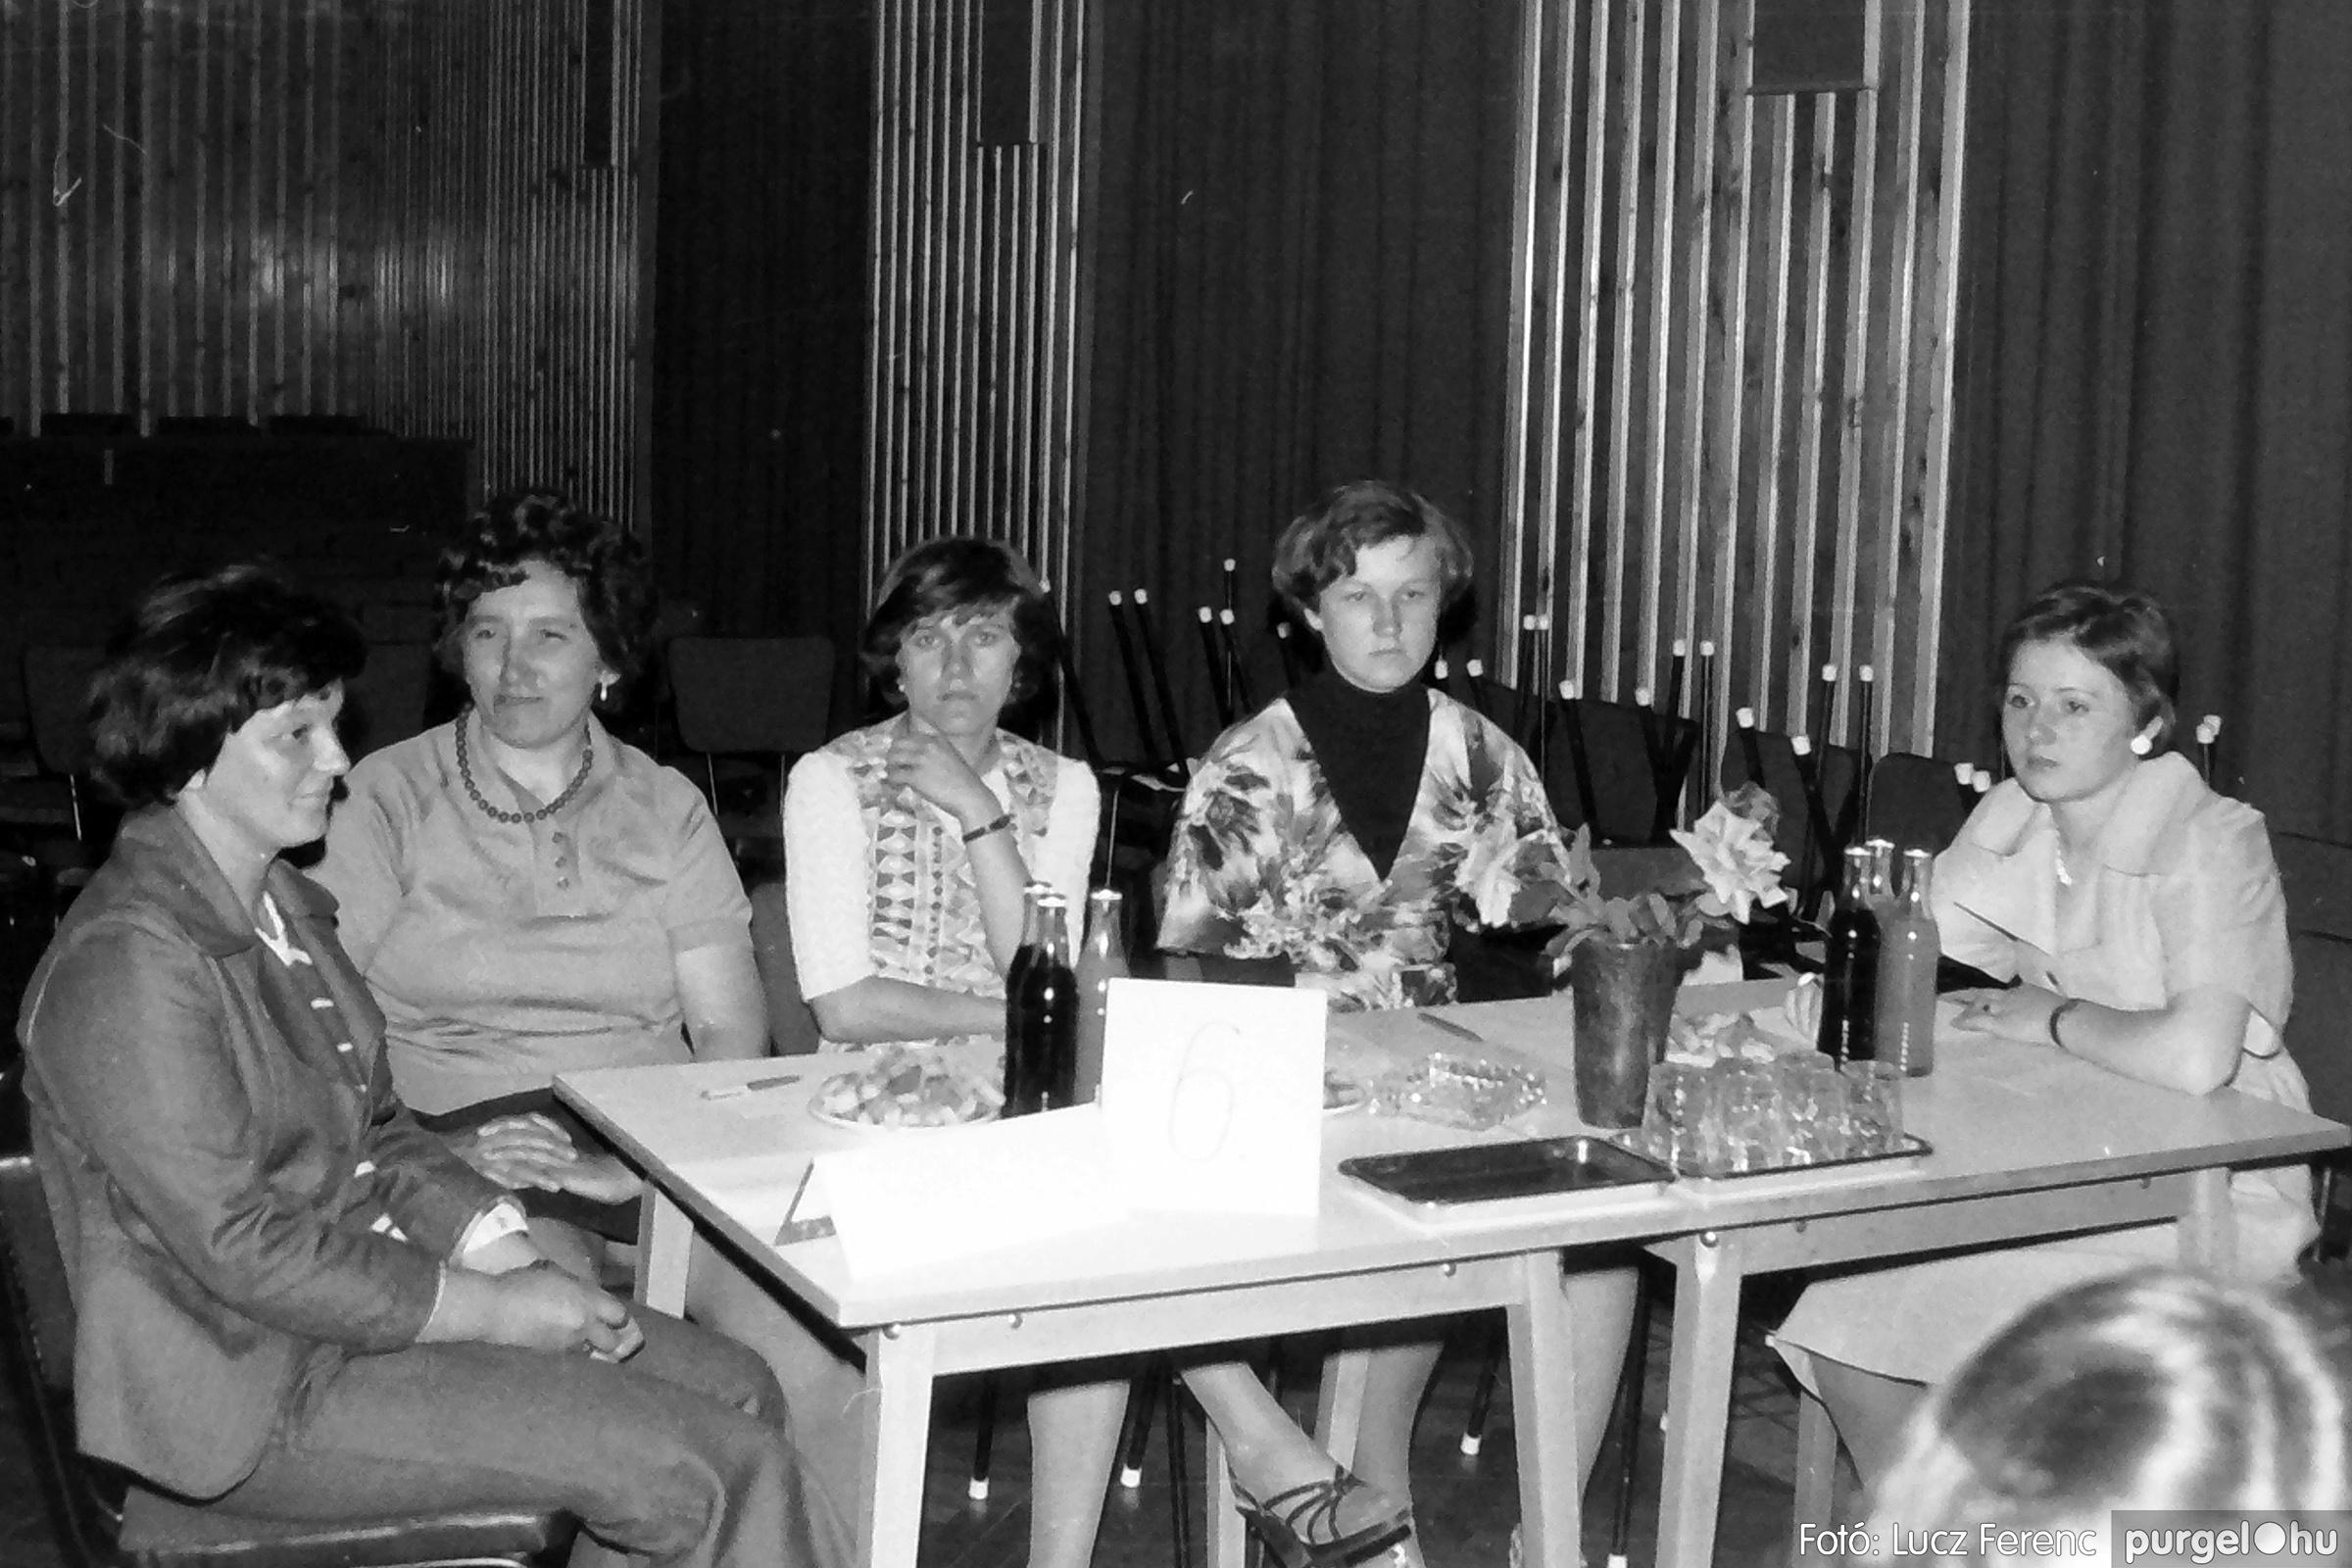 081. 1977. Kendergyári dolgozók vetélkedője 008. - Fotó: Lucz Ferenc.jpg